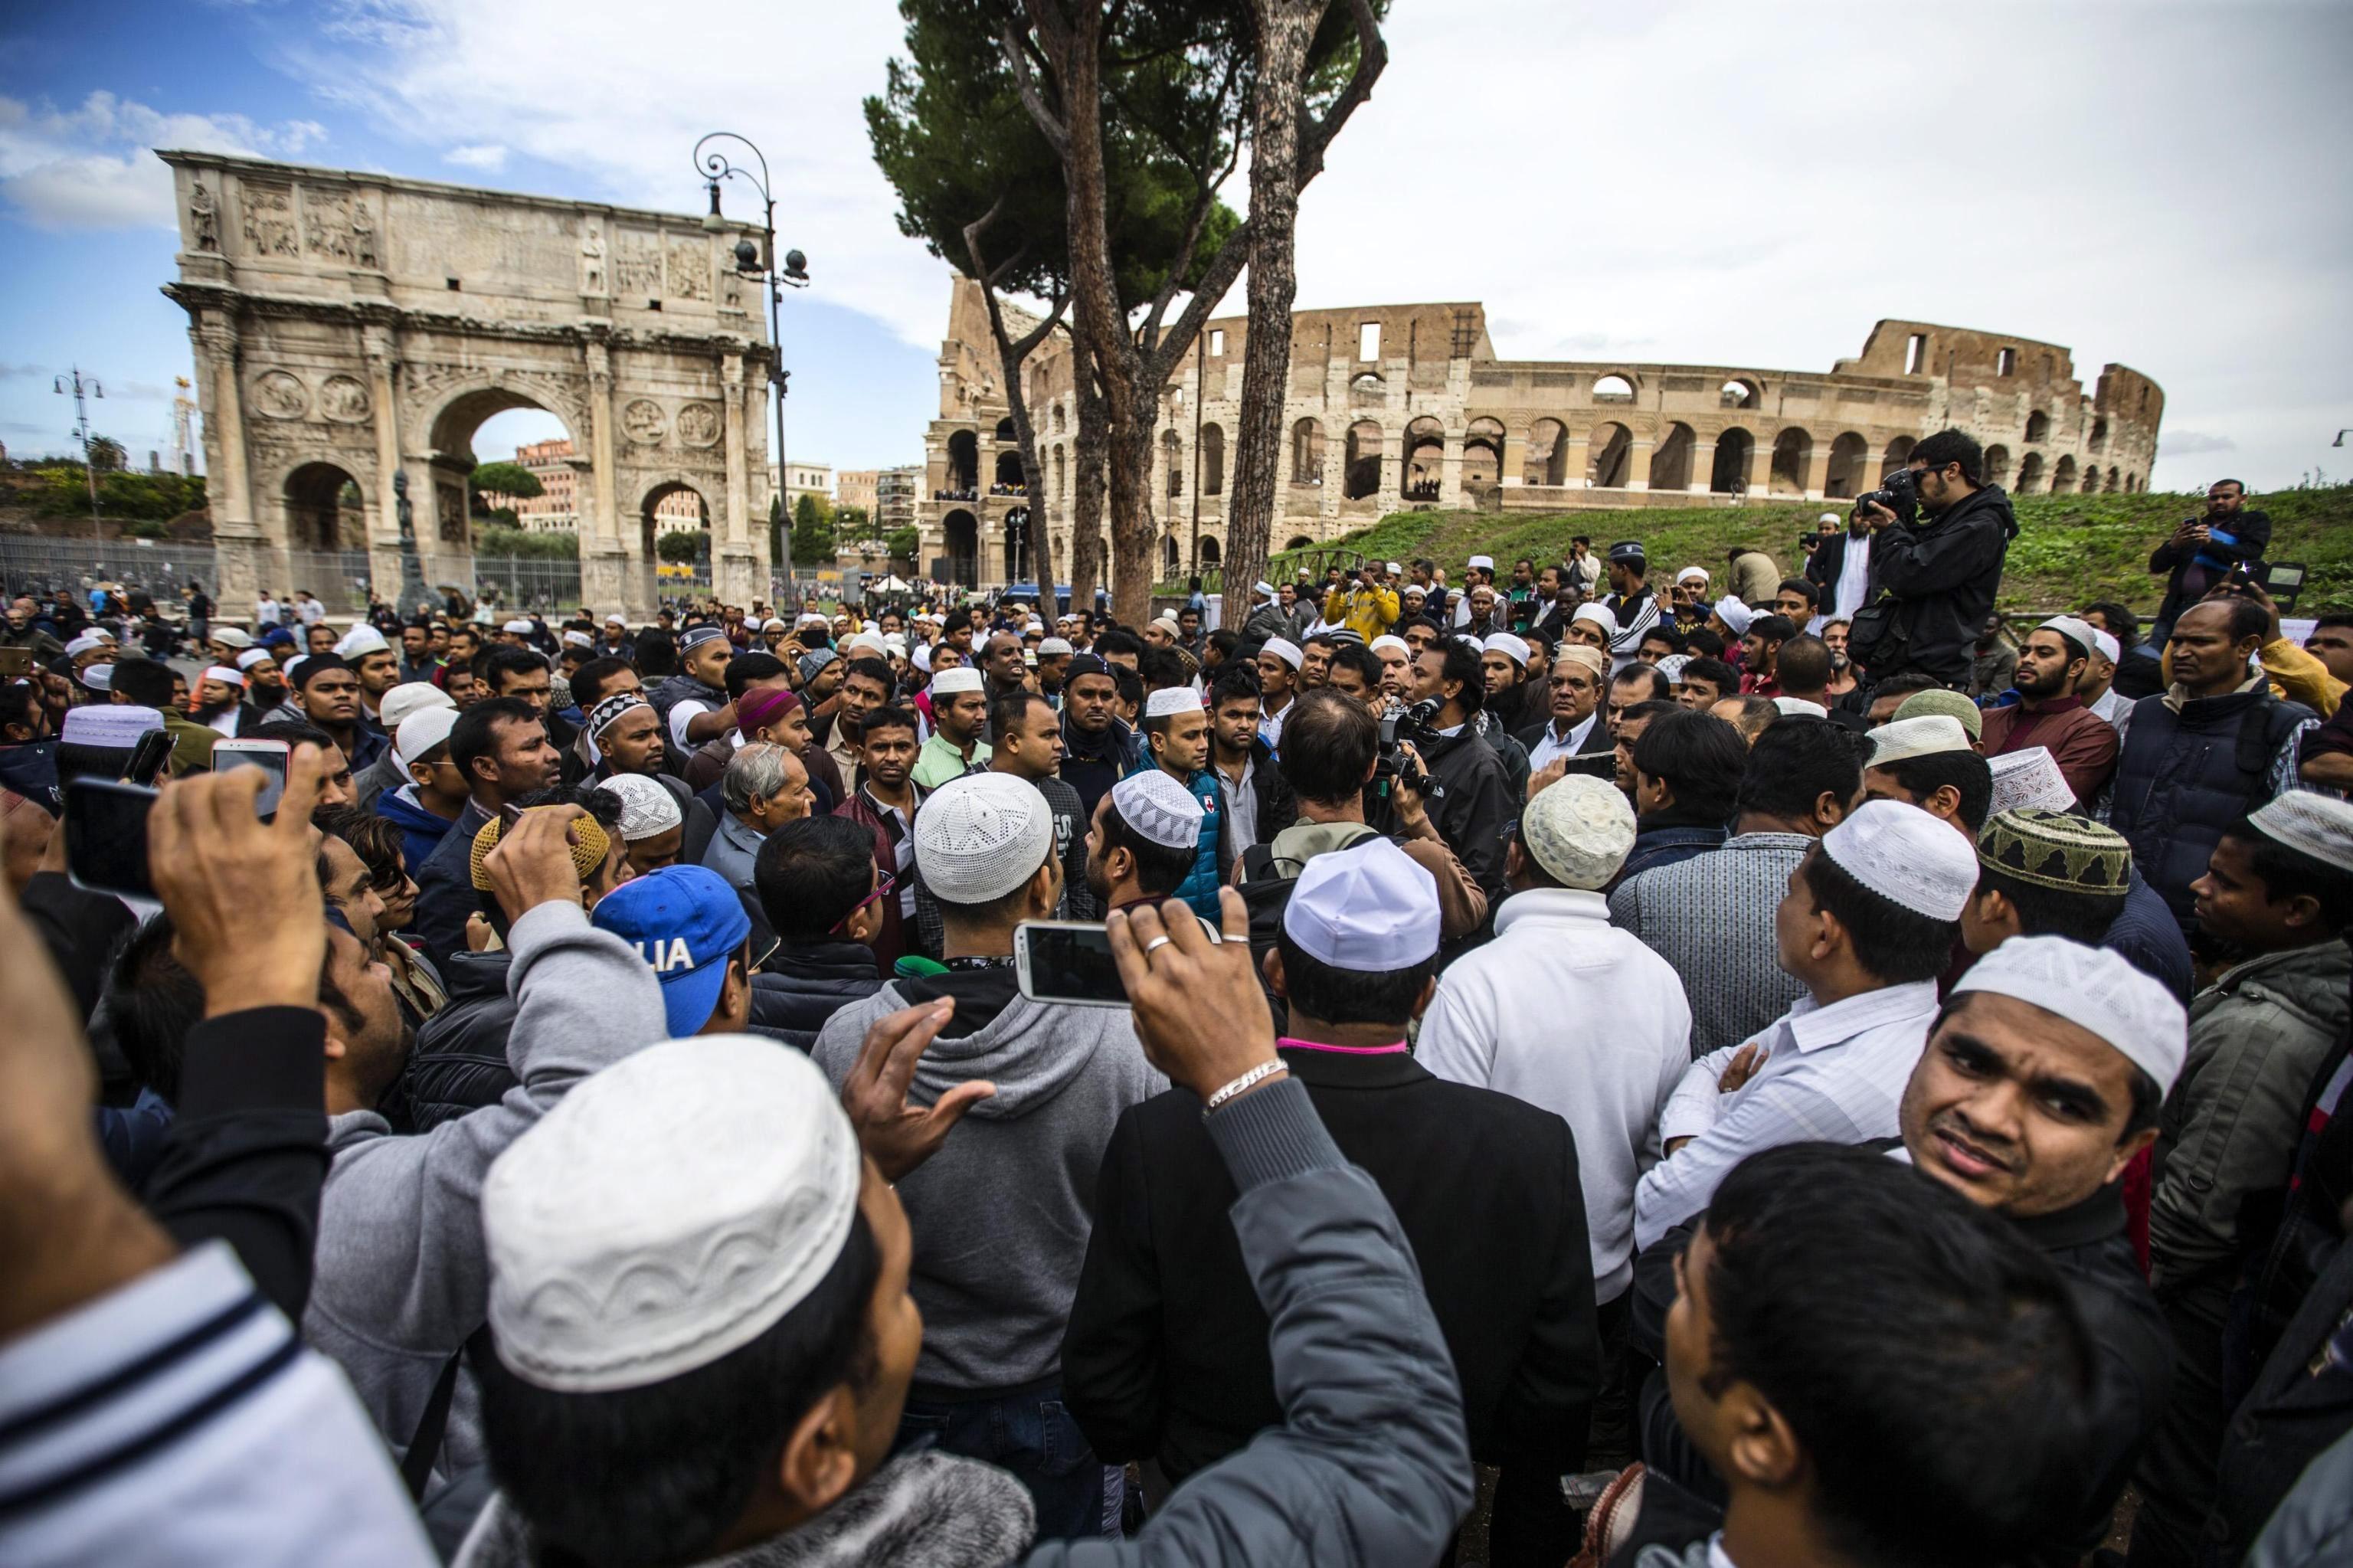 """Хиляди мюсюлмани се събраха на 21 октомври на масова петъчна молитва пред Колизеума в Рим. Така те изразиха недоволството си от затварянето на """"мини джамиите в гаражи"""""""